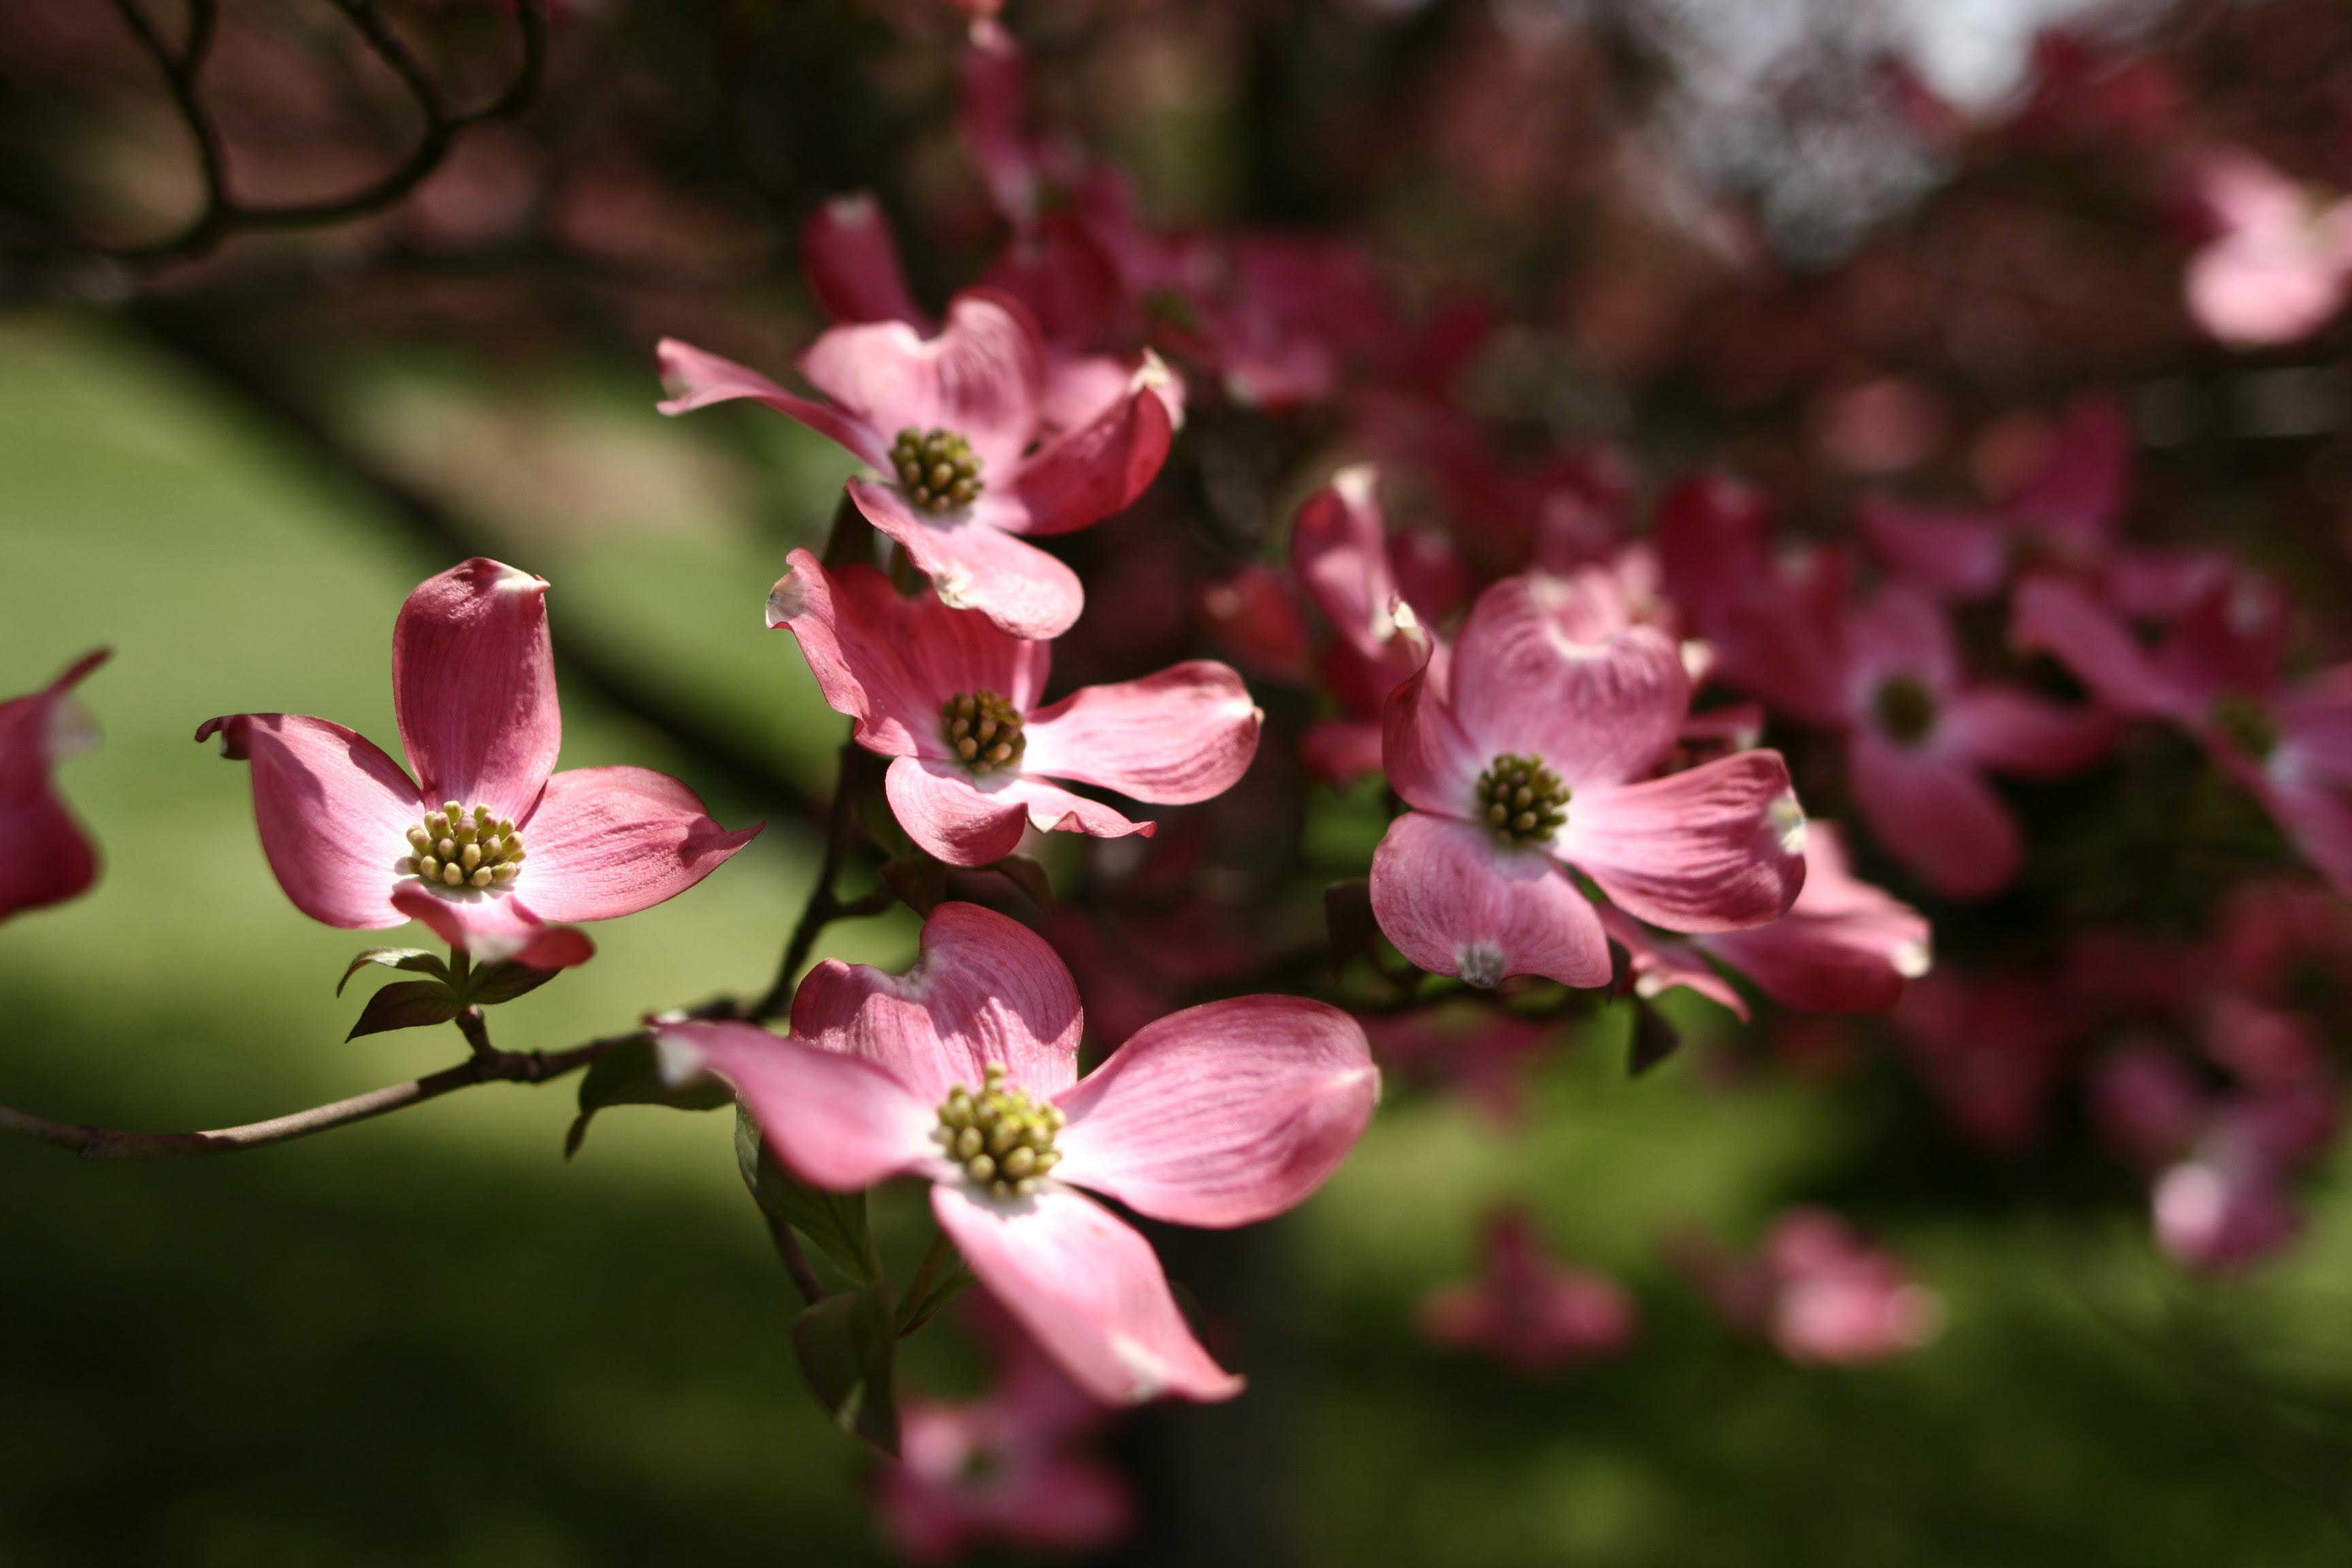 http://upload.wikimedia.org/wikipedia/commons/d/dd/Dogwood-tree-flowers_-_West_Virginia_-_ForestWander.jpg